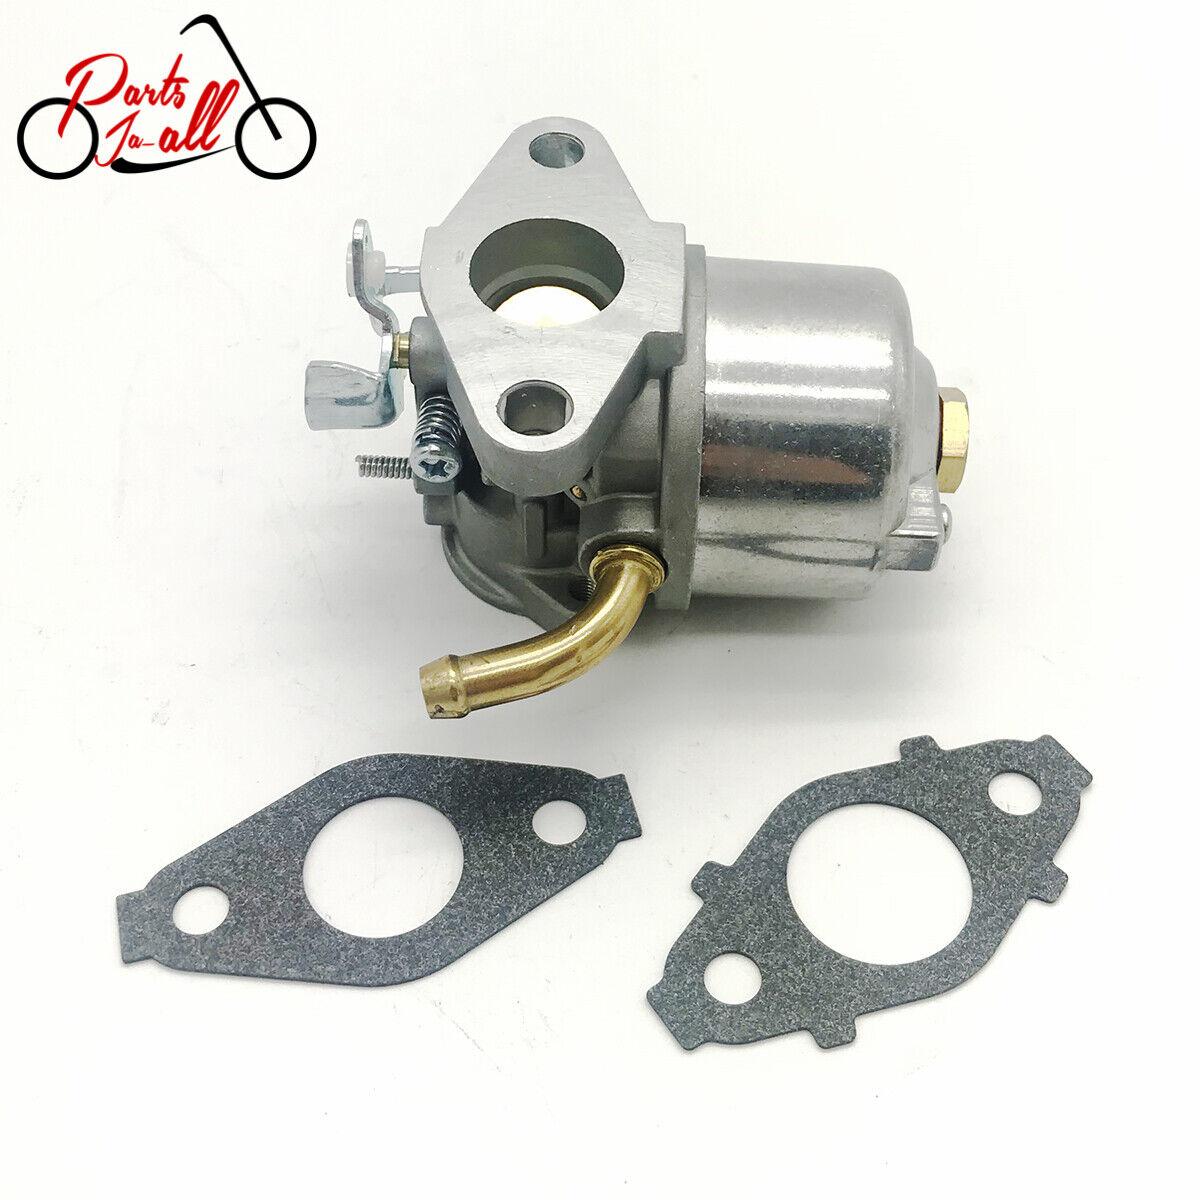 Carburetor for Briggs & Stratton 594014 590907 798917 798918 794588 Vergaser